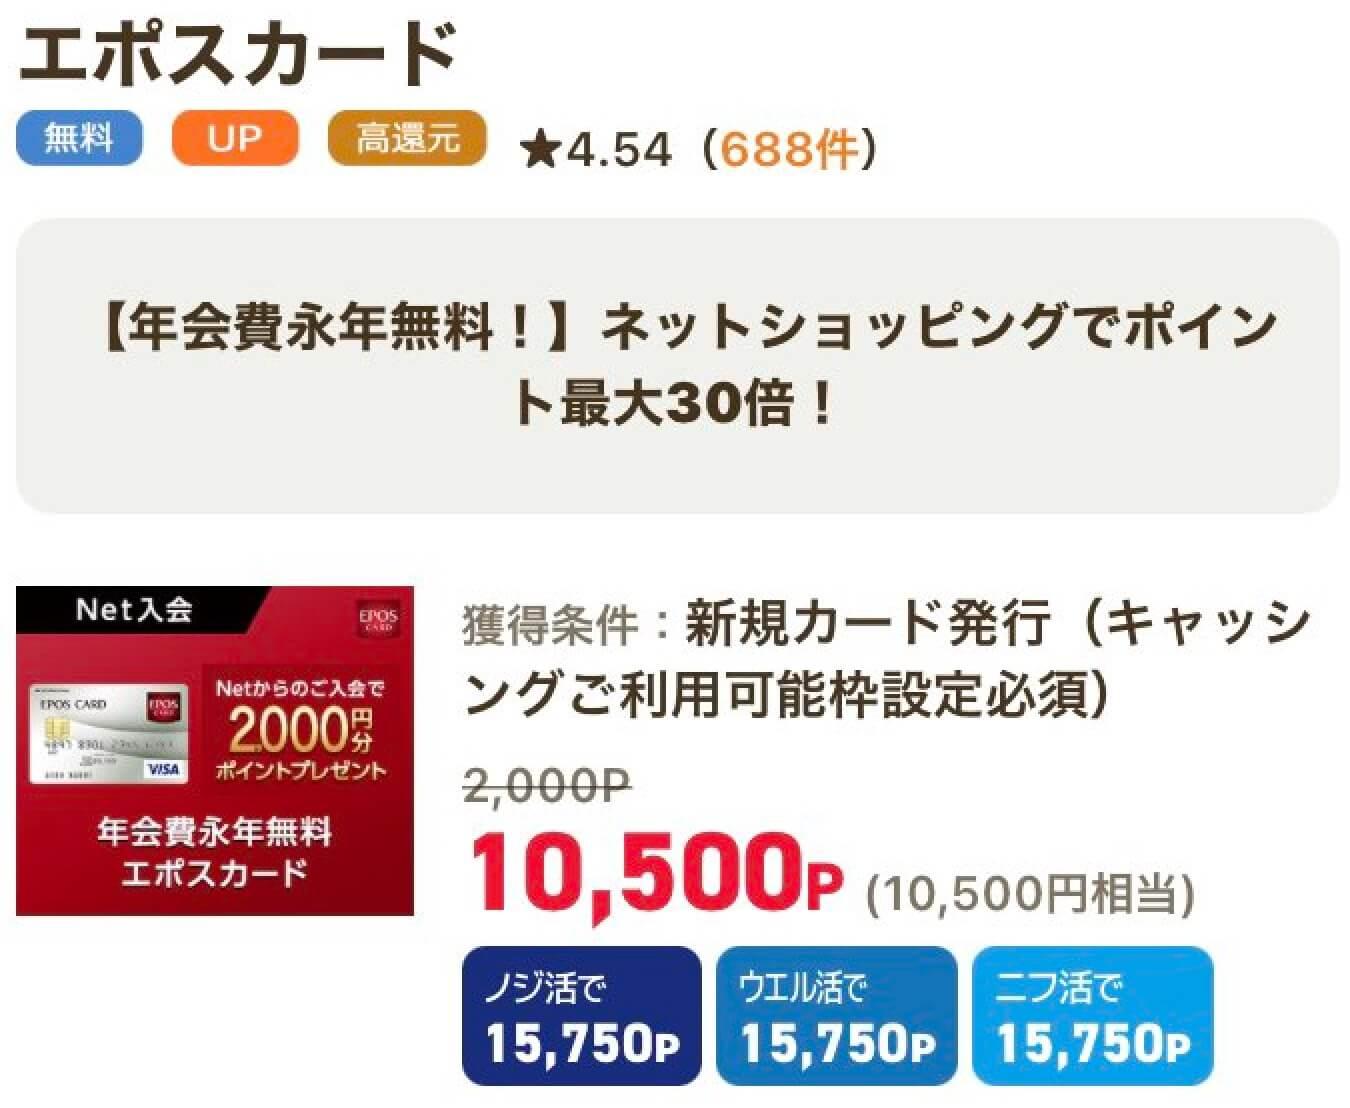 ライフメディアのエポスカード1万円越え